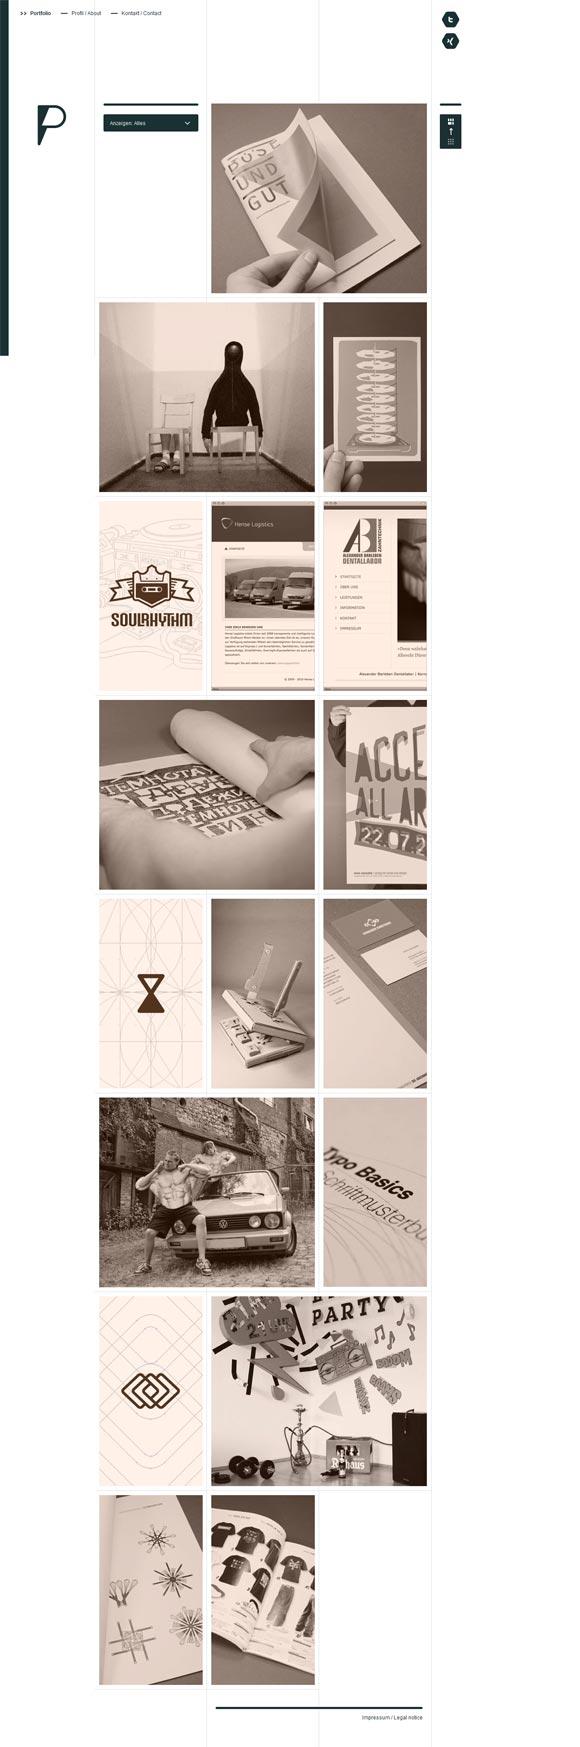 Pixelot | Design